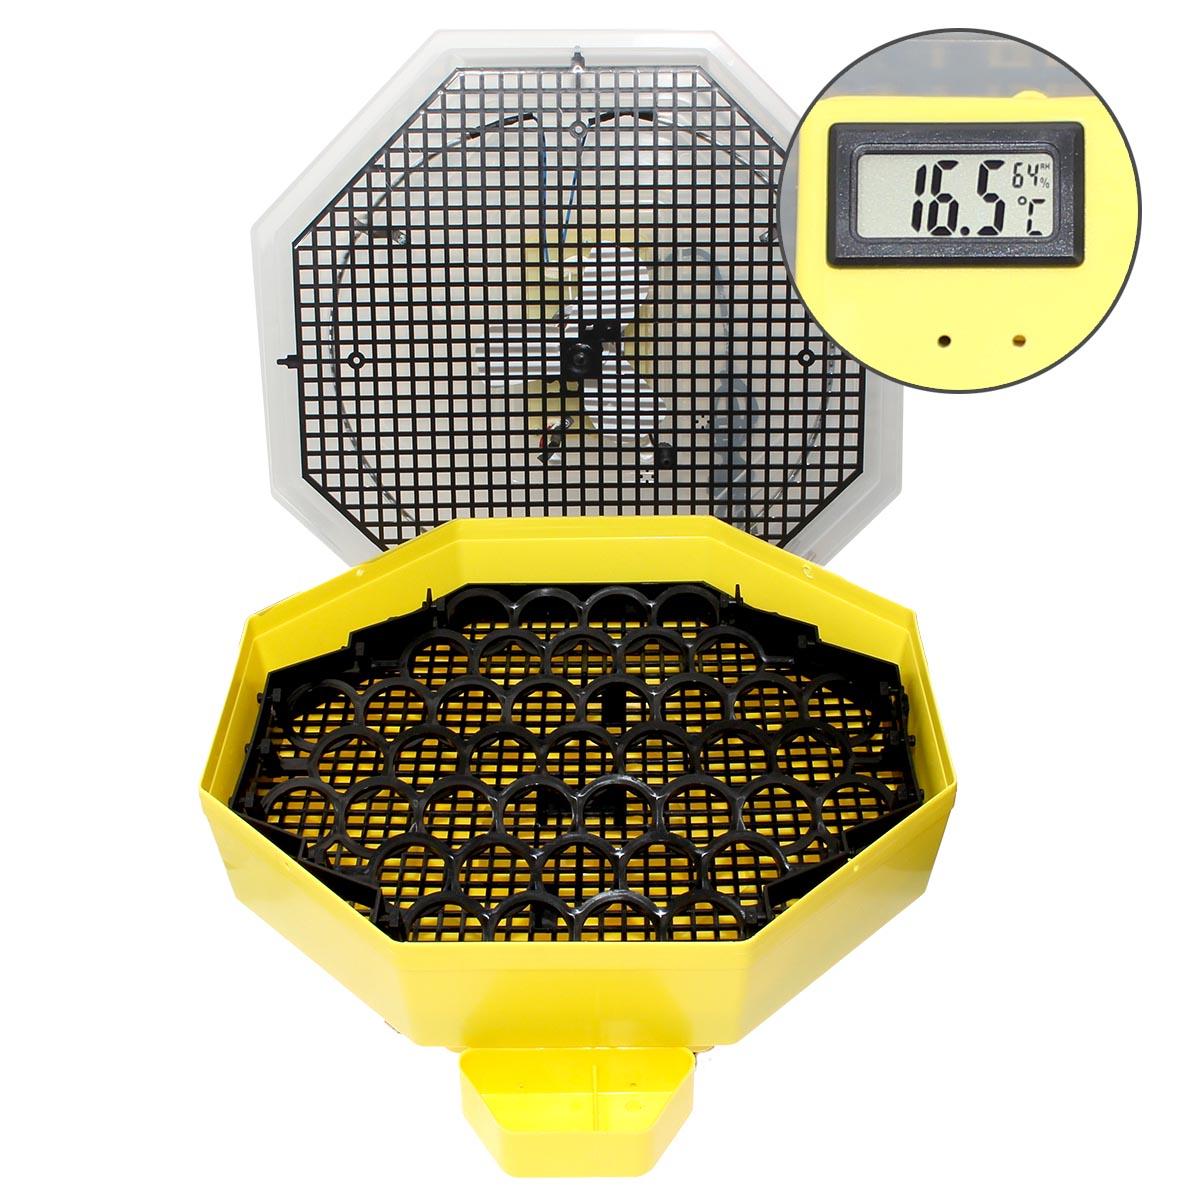 Inkubator iBator HOME 60 z wyświetlaczem temp. i wilgotności + zbiornik na wodę - zdjecie 1